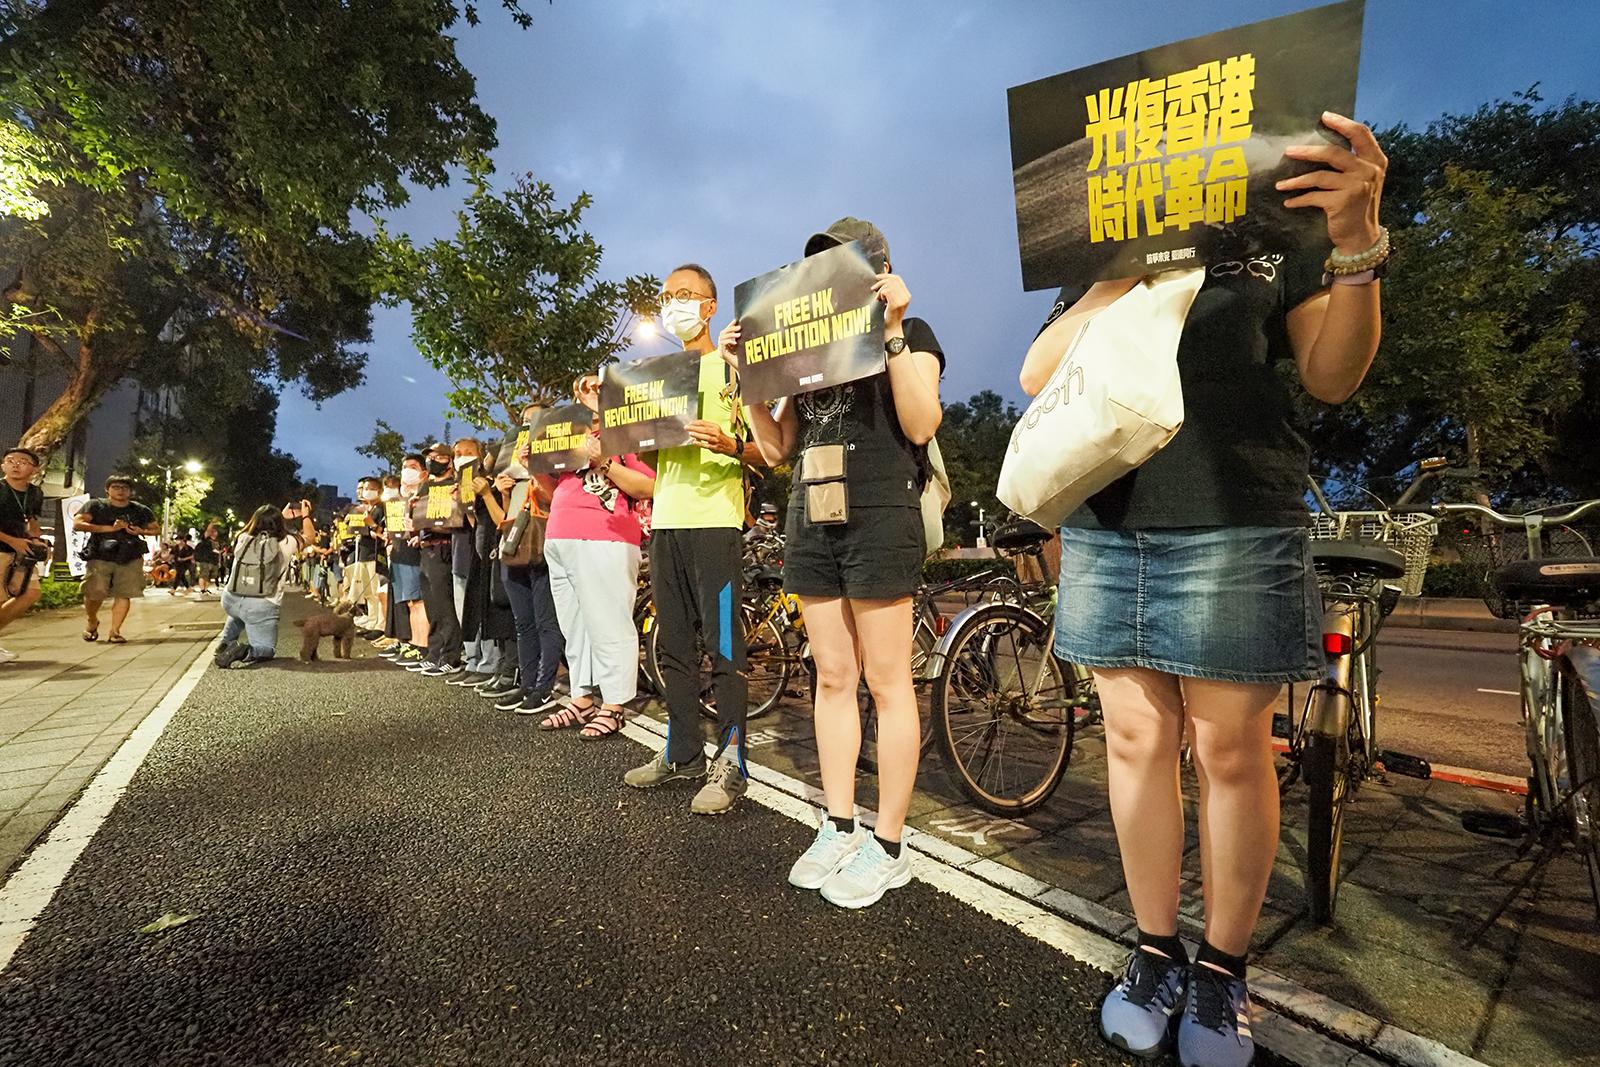 2020年8月31日,民众在台湾大学对面马路排成一列手持撑香港标语,人龙超过两百公尺。(锺广政 摄)